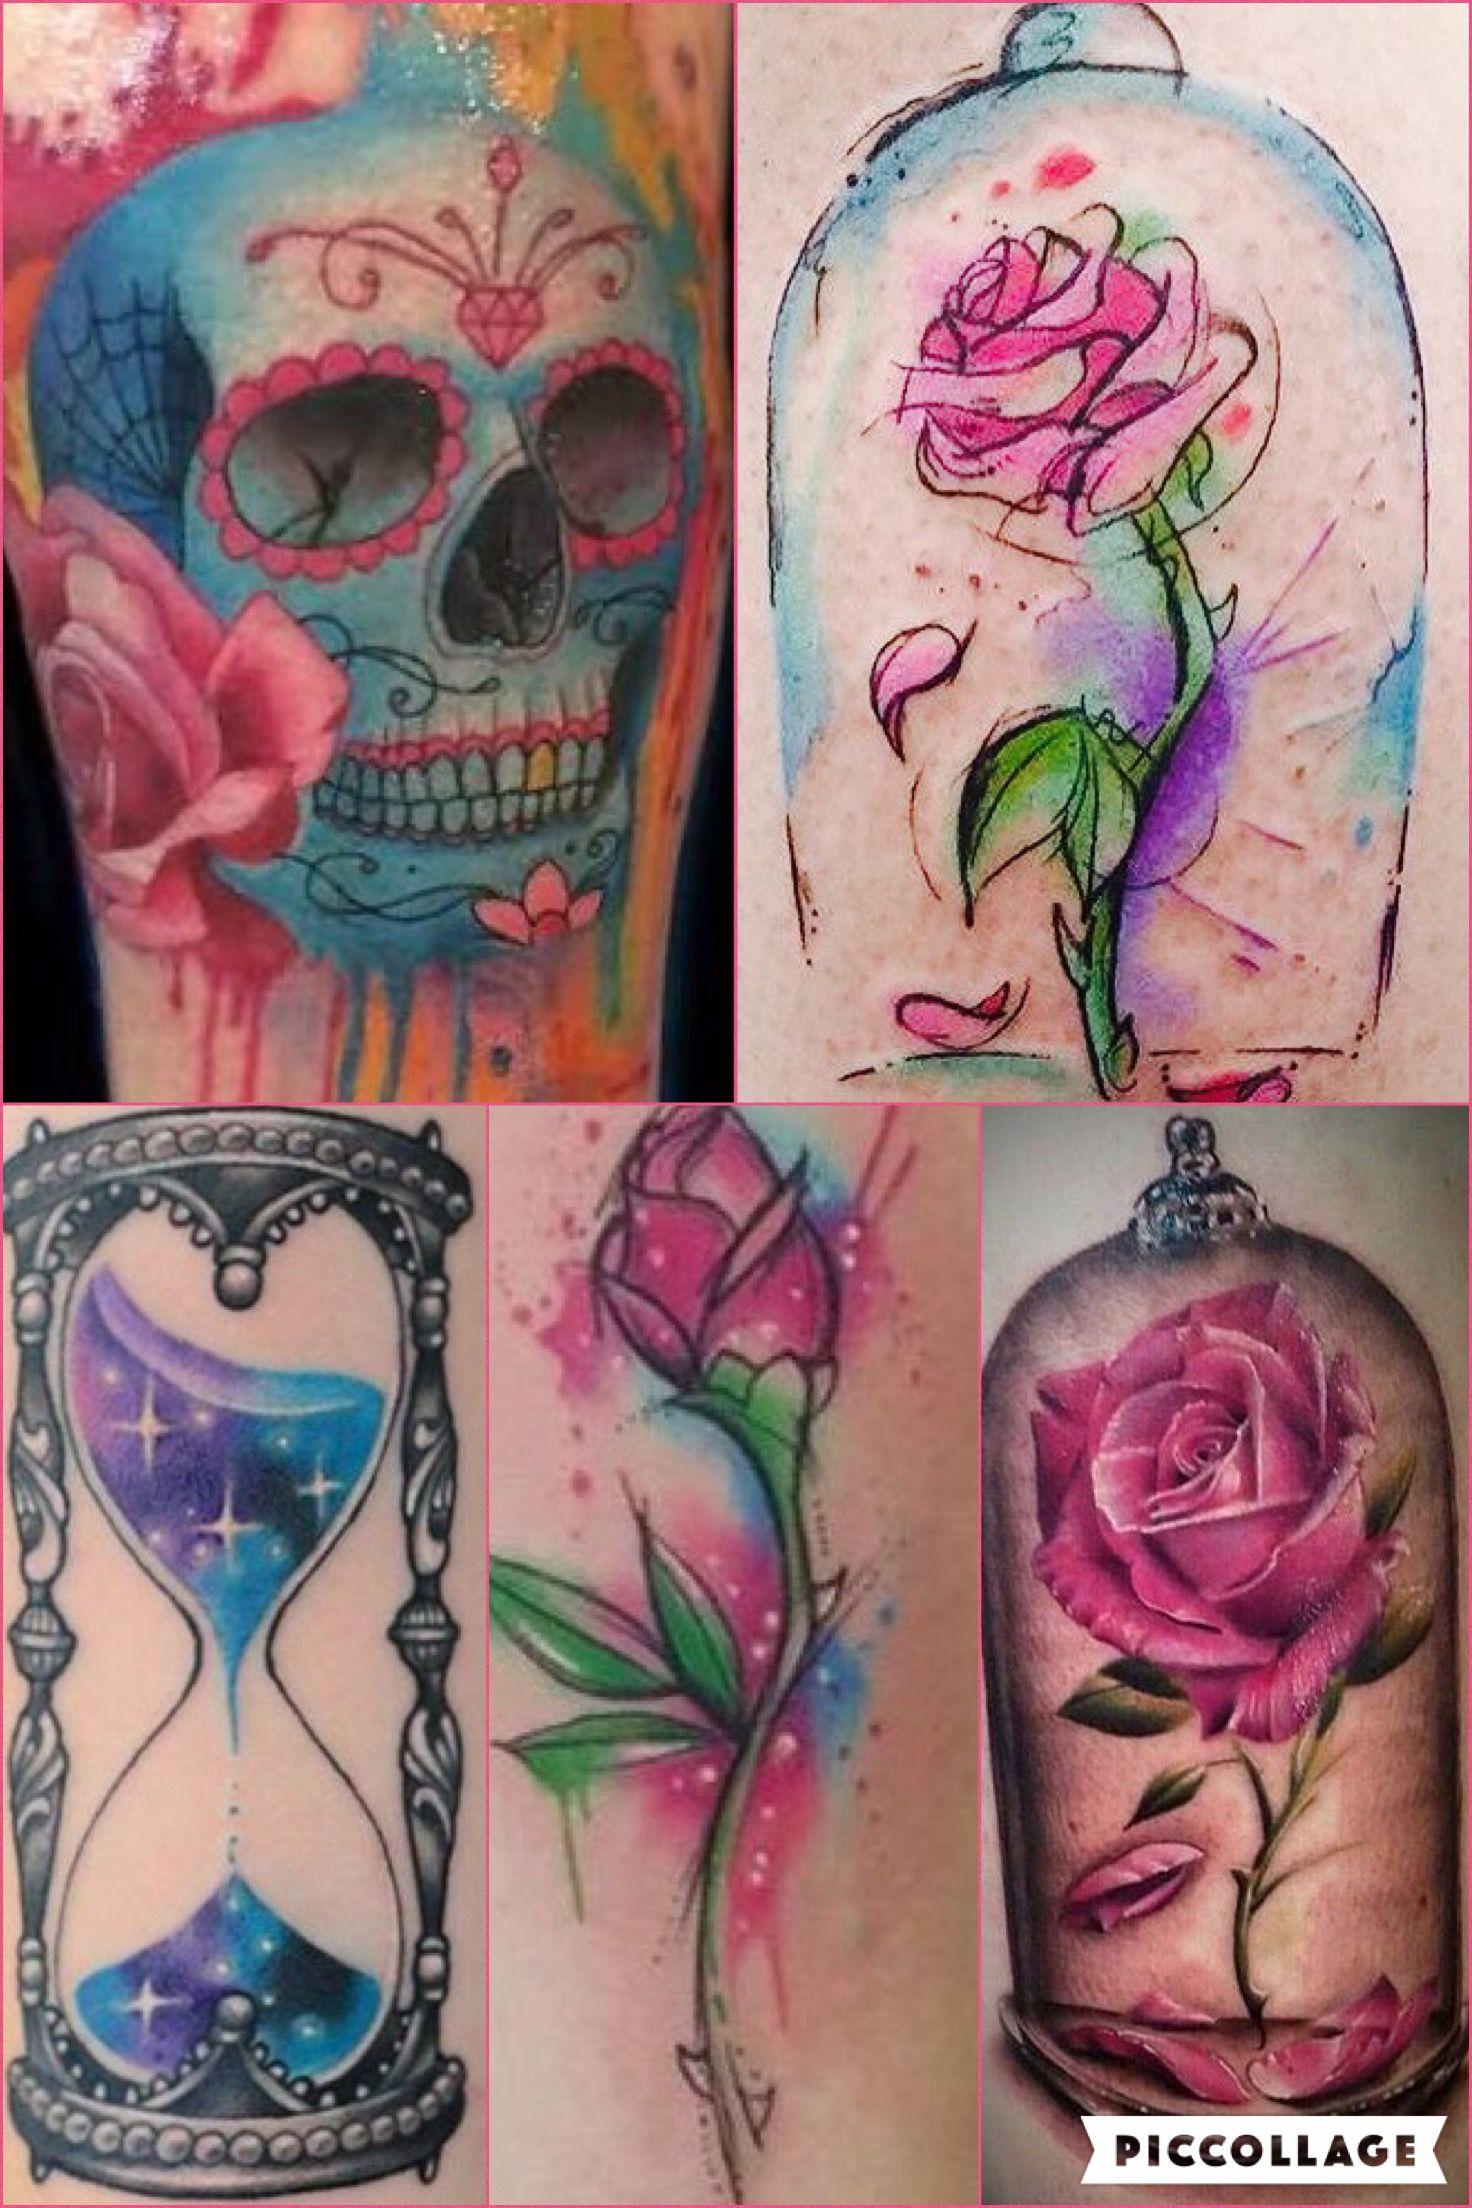 fe00baf2e 23 Cute and Creative Small Disney Tattoo Ideas | Tattoo ideas ...